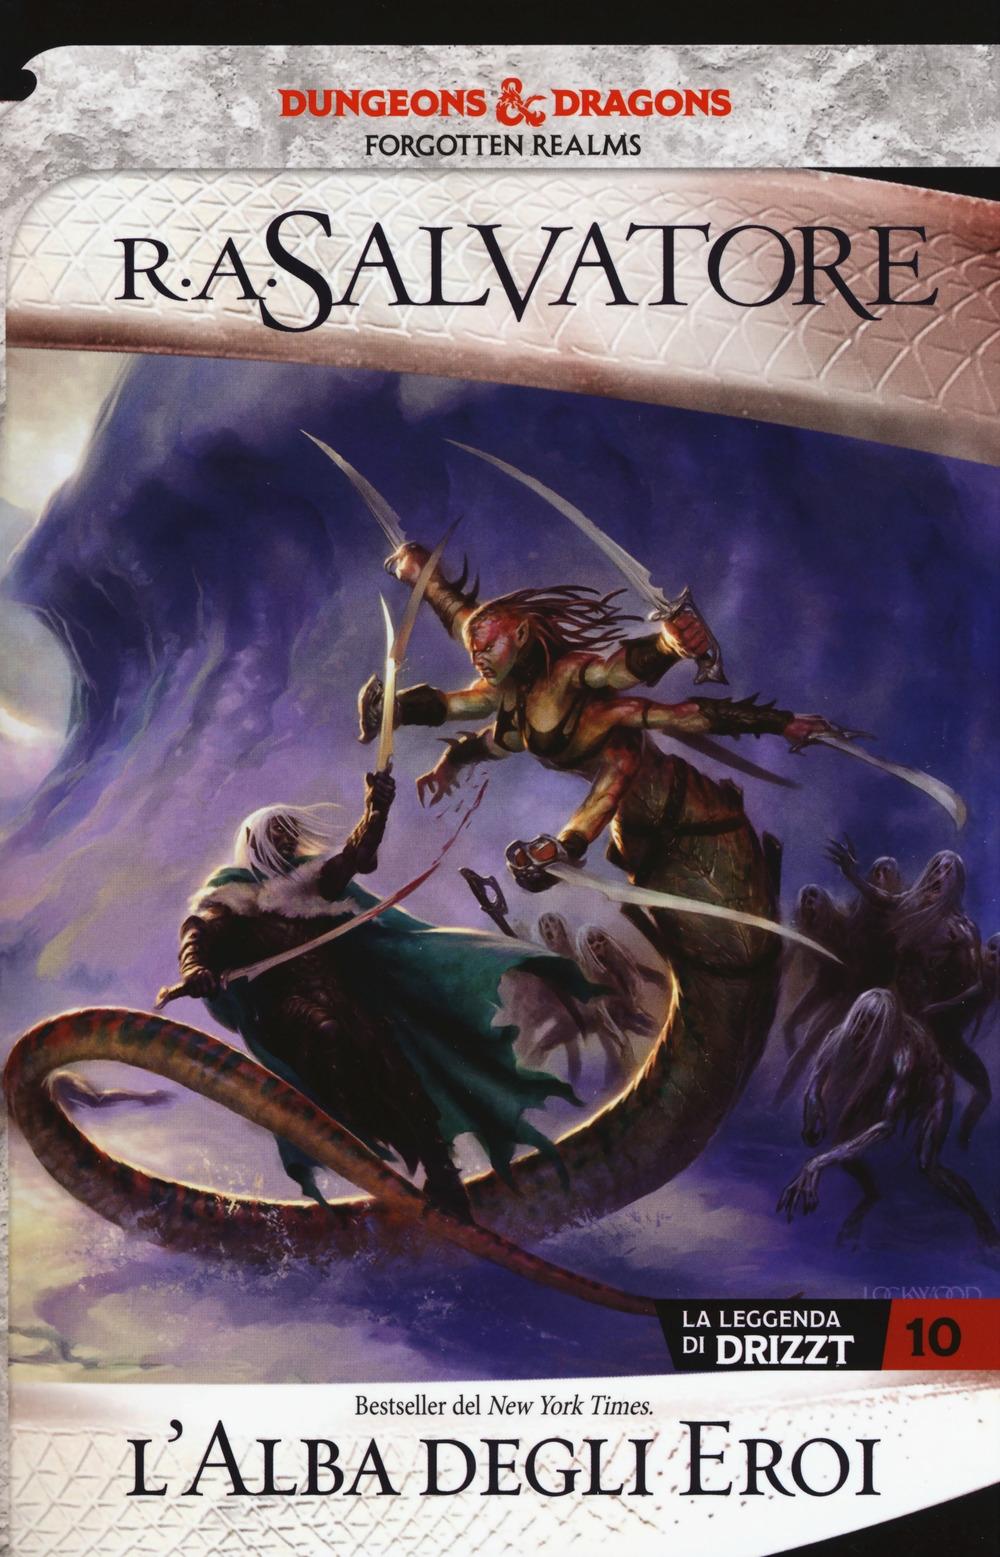 L'alba degli eroi  La leggenda di Drizzt  Forgotten realms  Vol  10